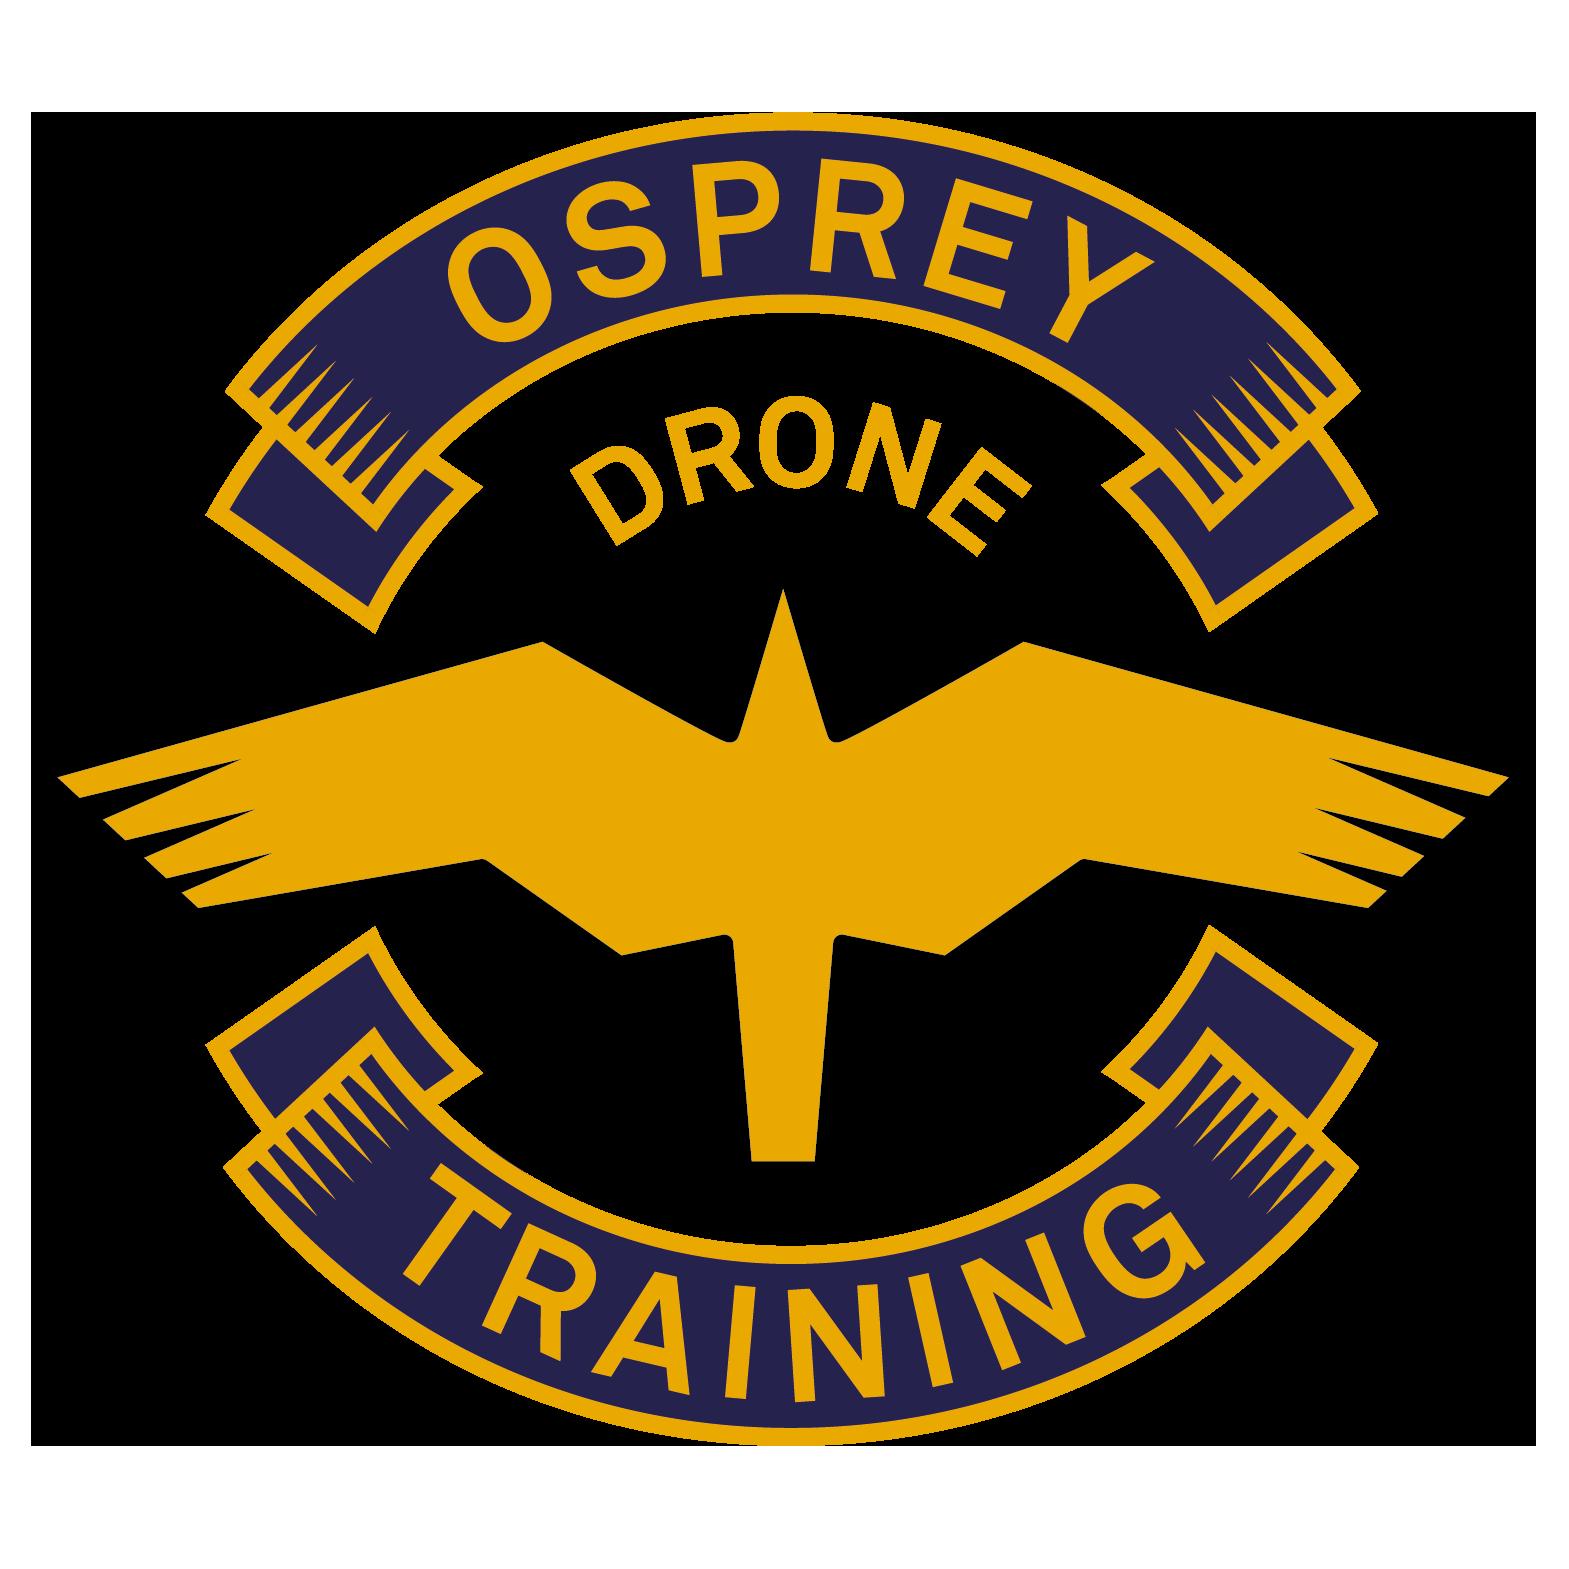 Osprey Drone Training